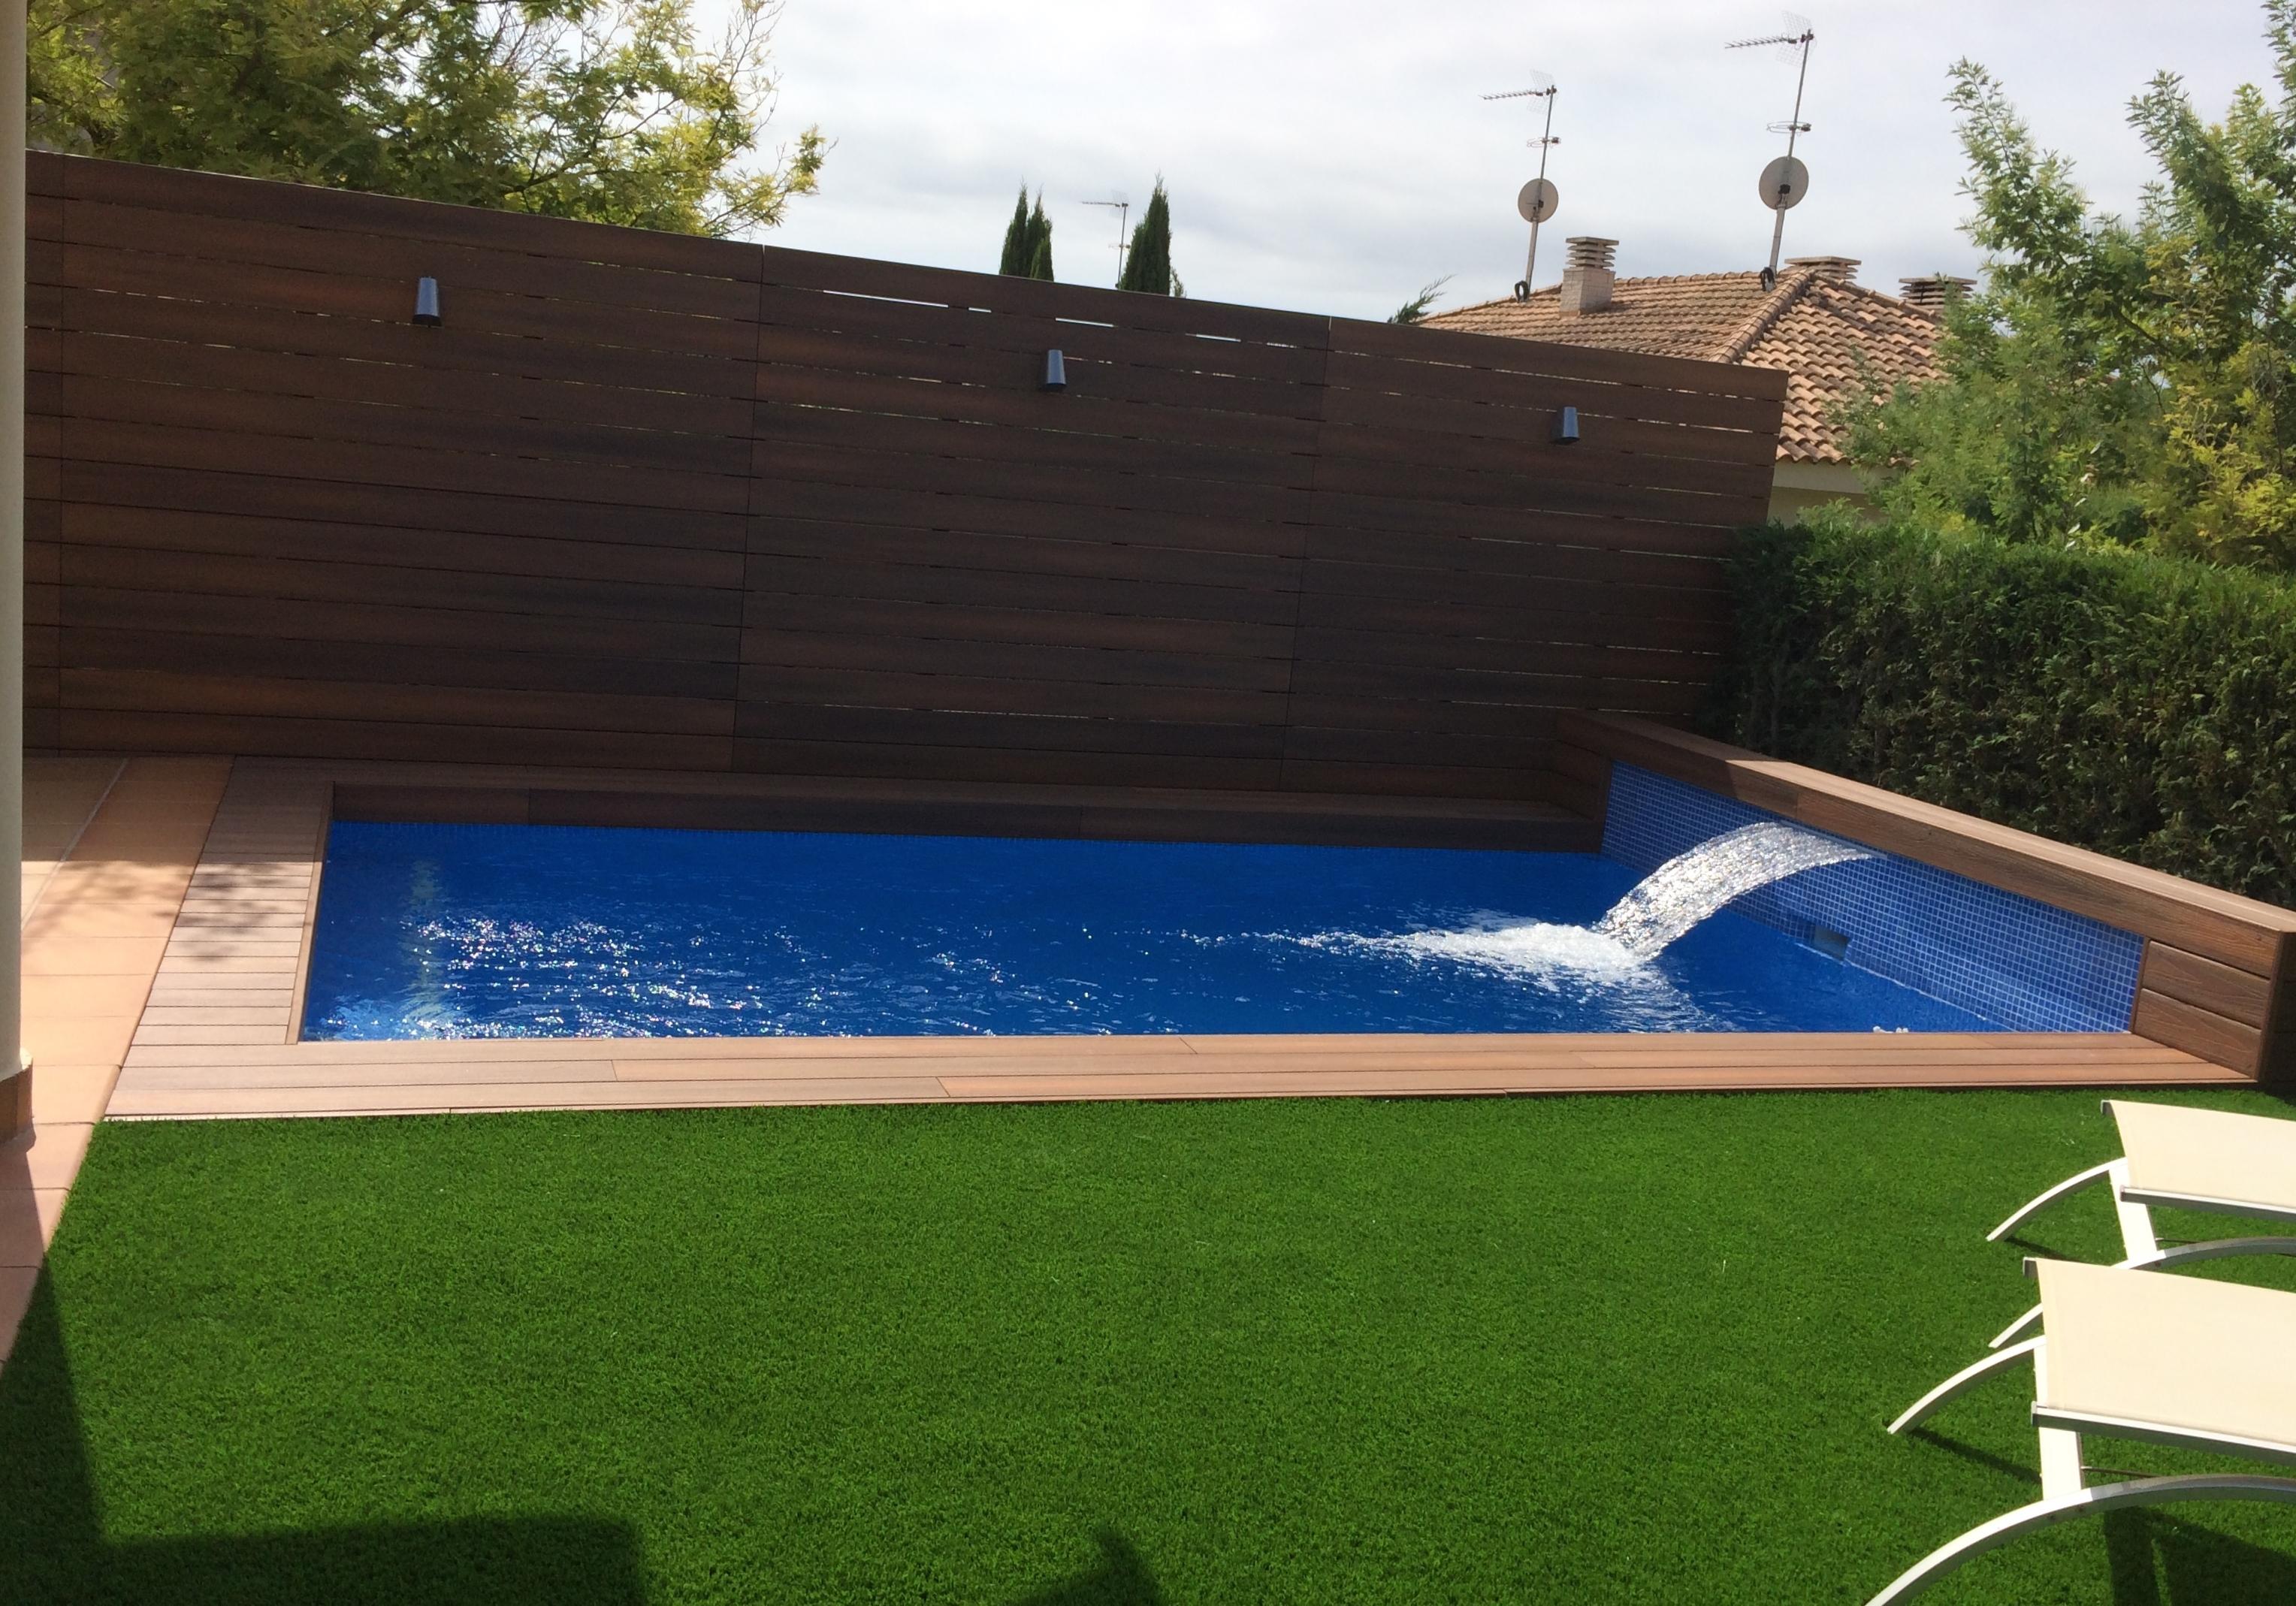 Construcci n de piscinas piscinas aop for Gresite piscinas colores